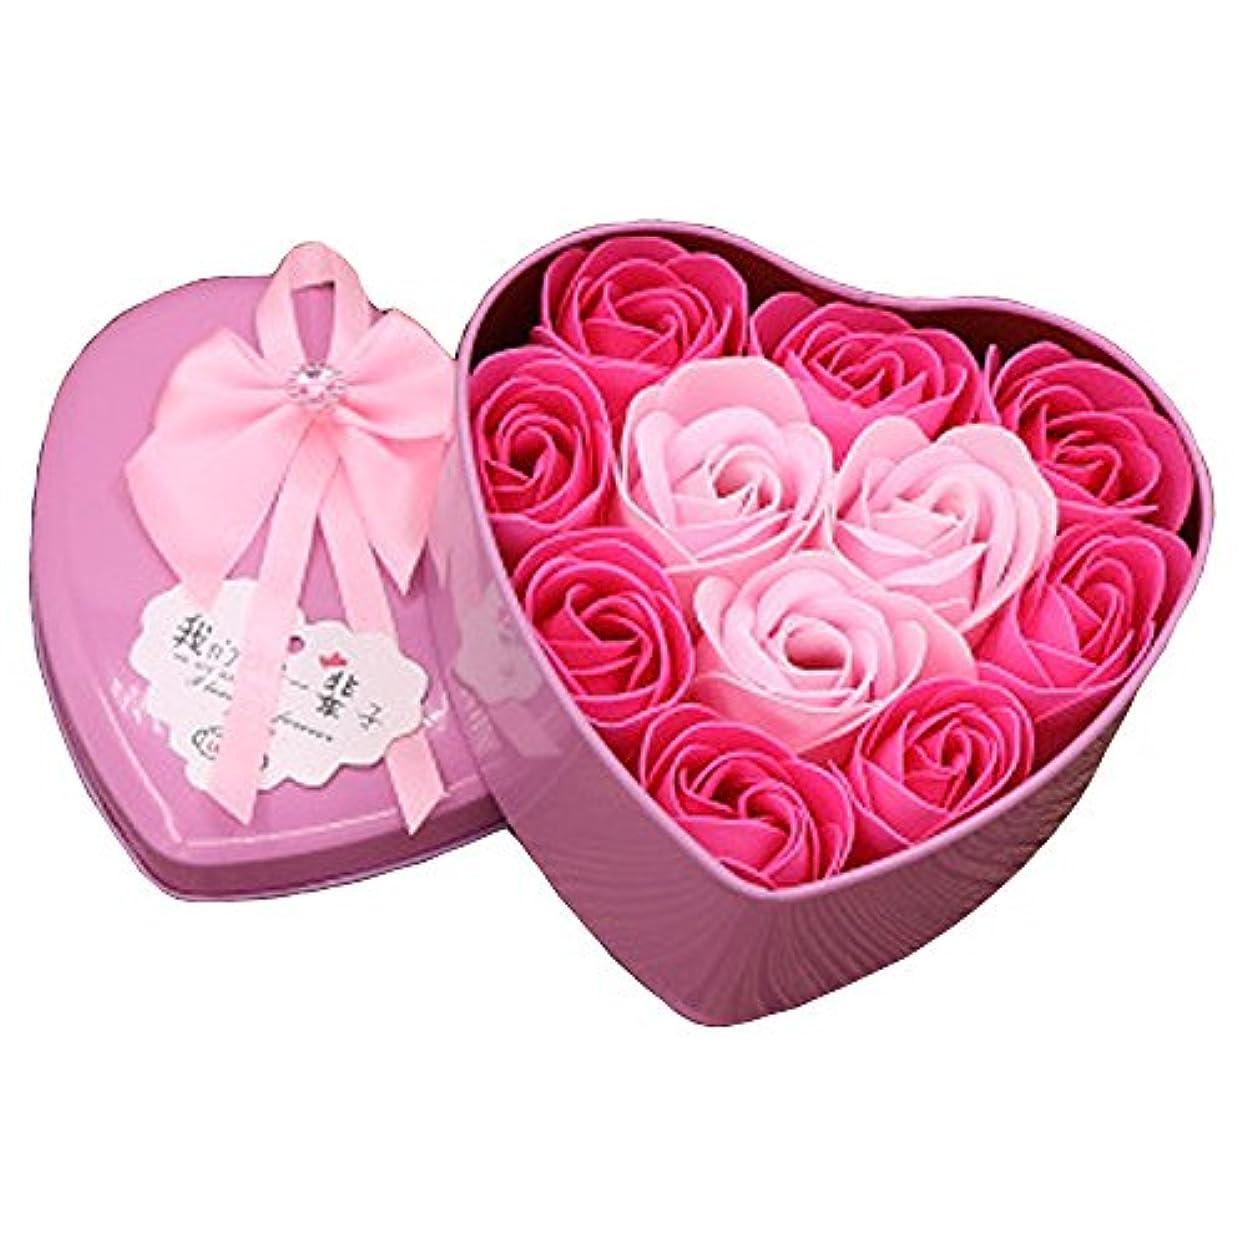 荒野苗蒸留iCoole ソープフラワー 石鹸花 ハードフラワー形状 ギフトボックス入り 母の日 バレンタインデー お誕生日 ギフト